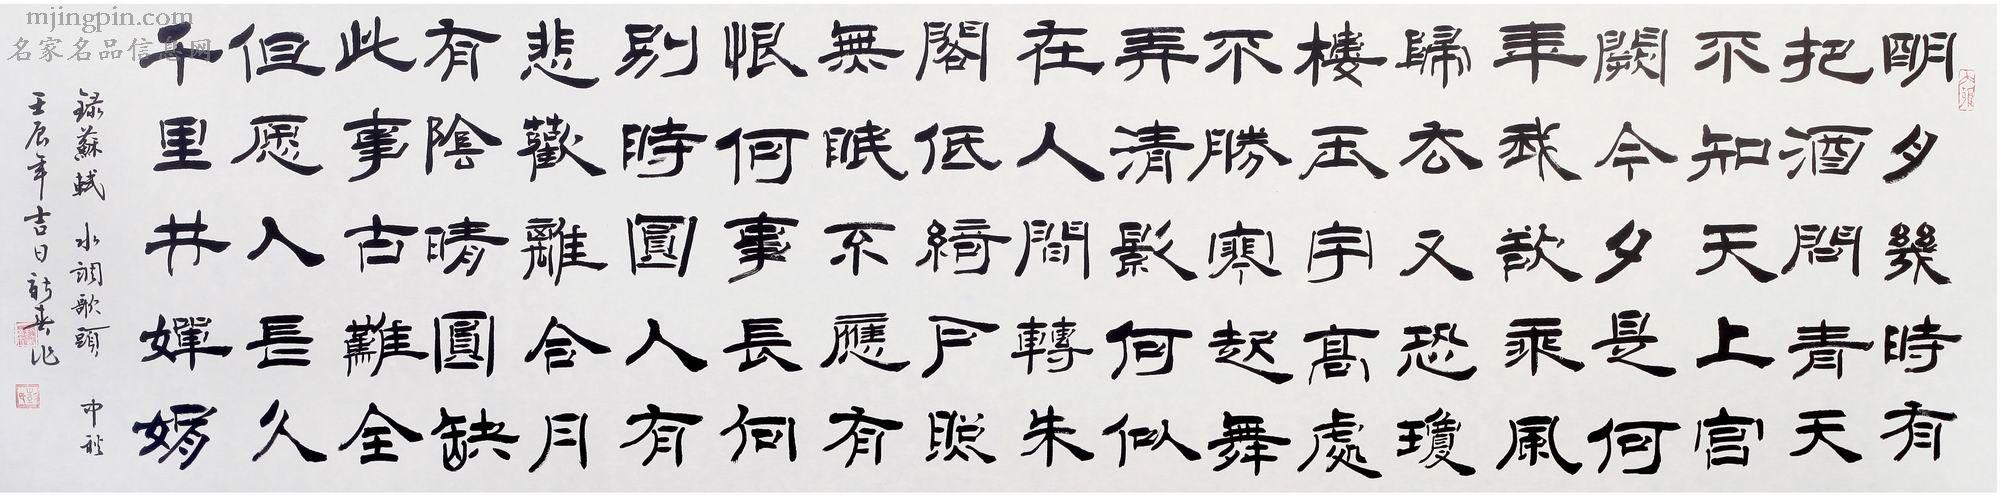 彭新春书法6